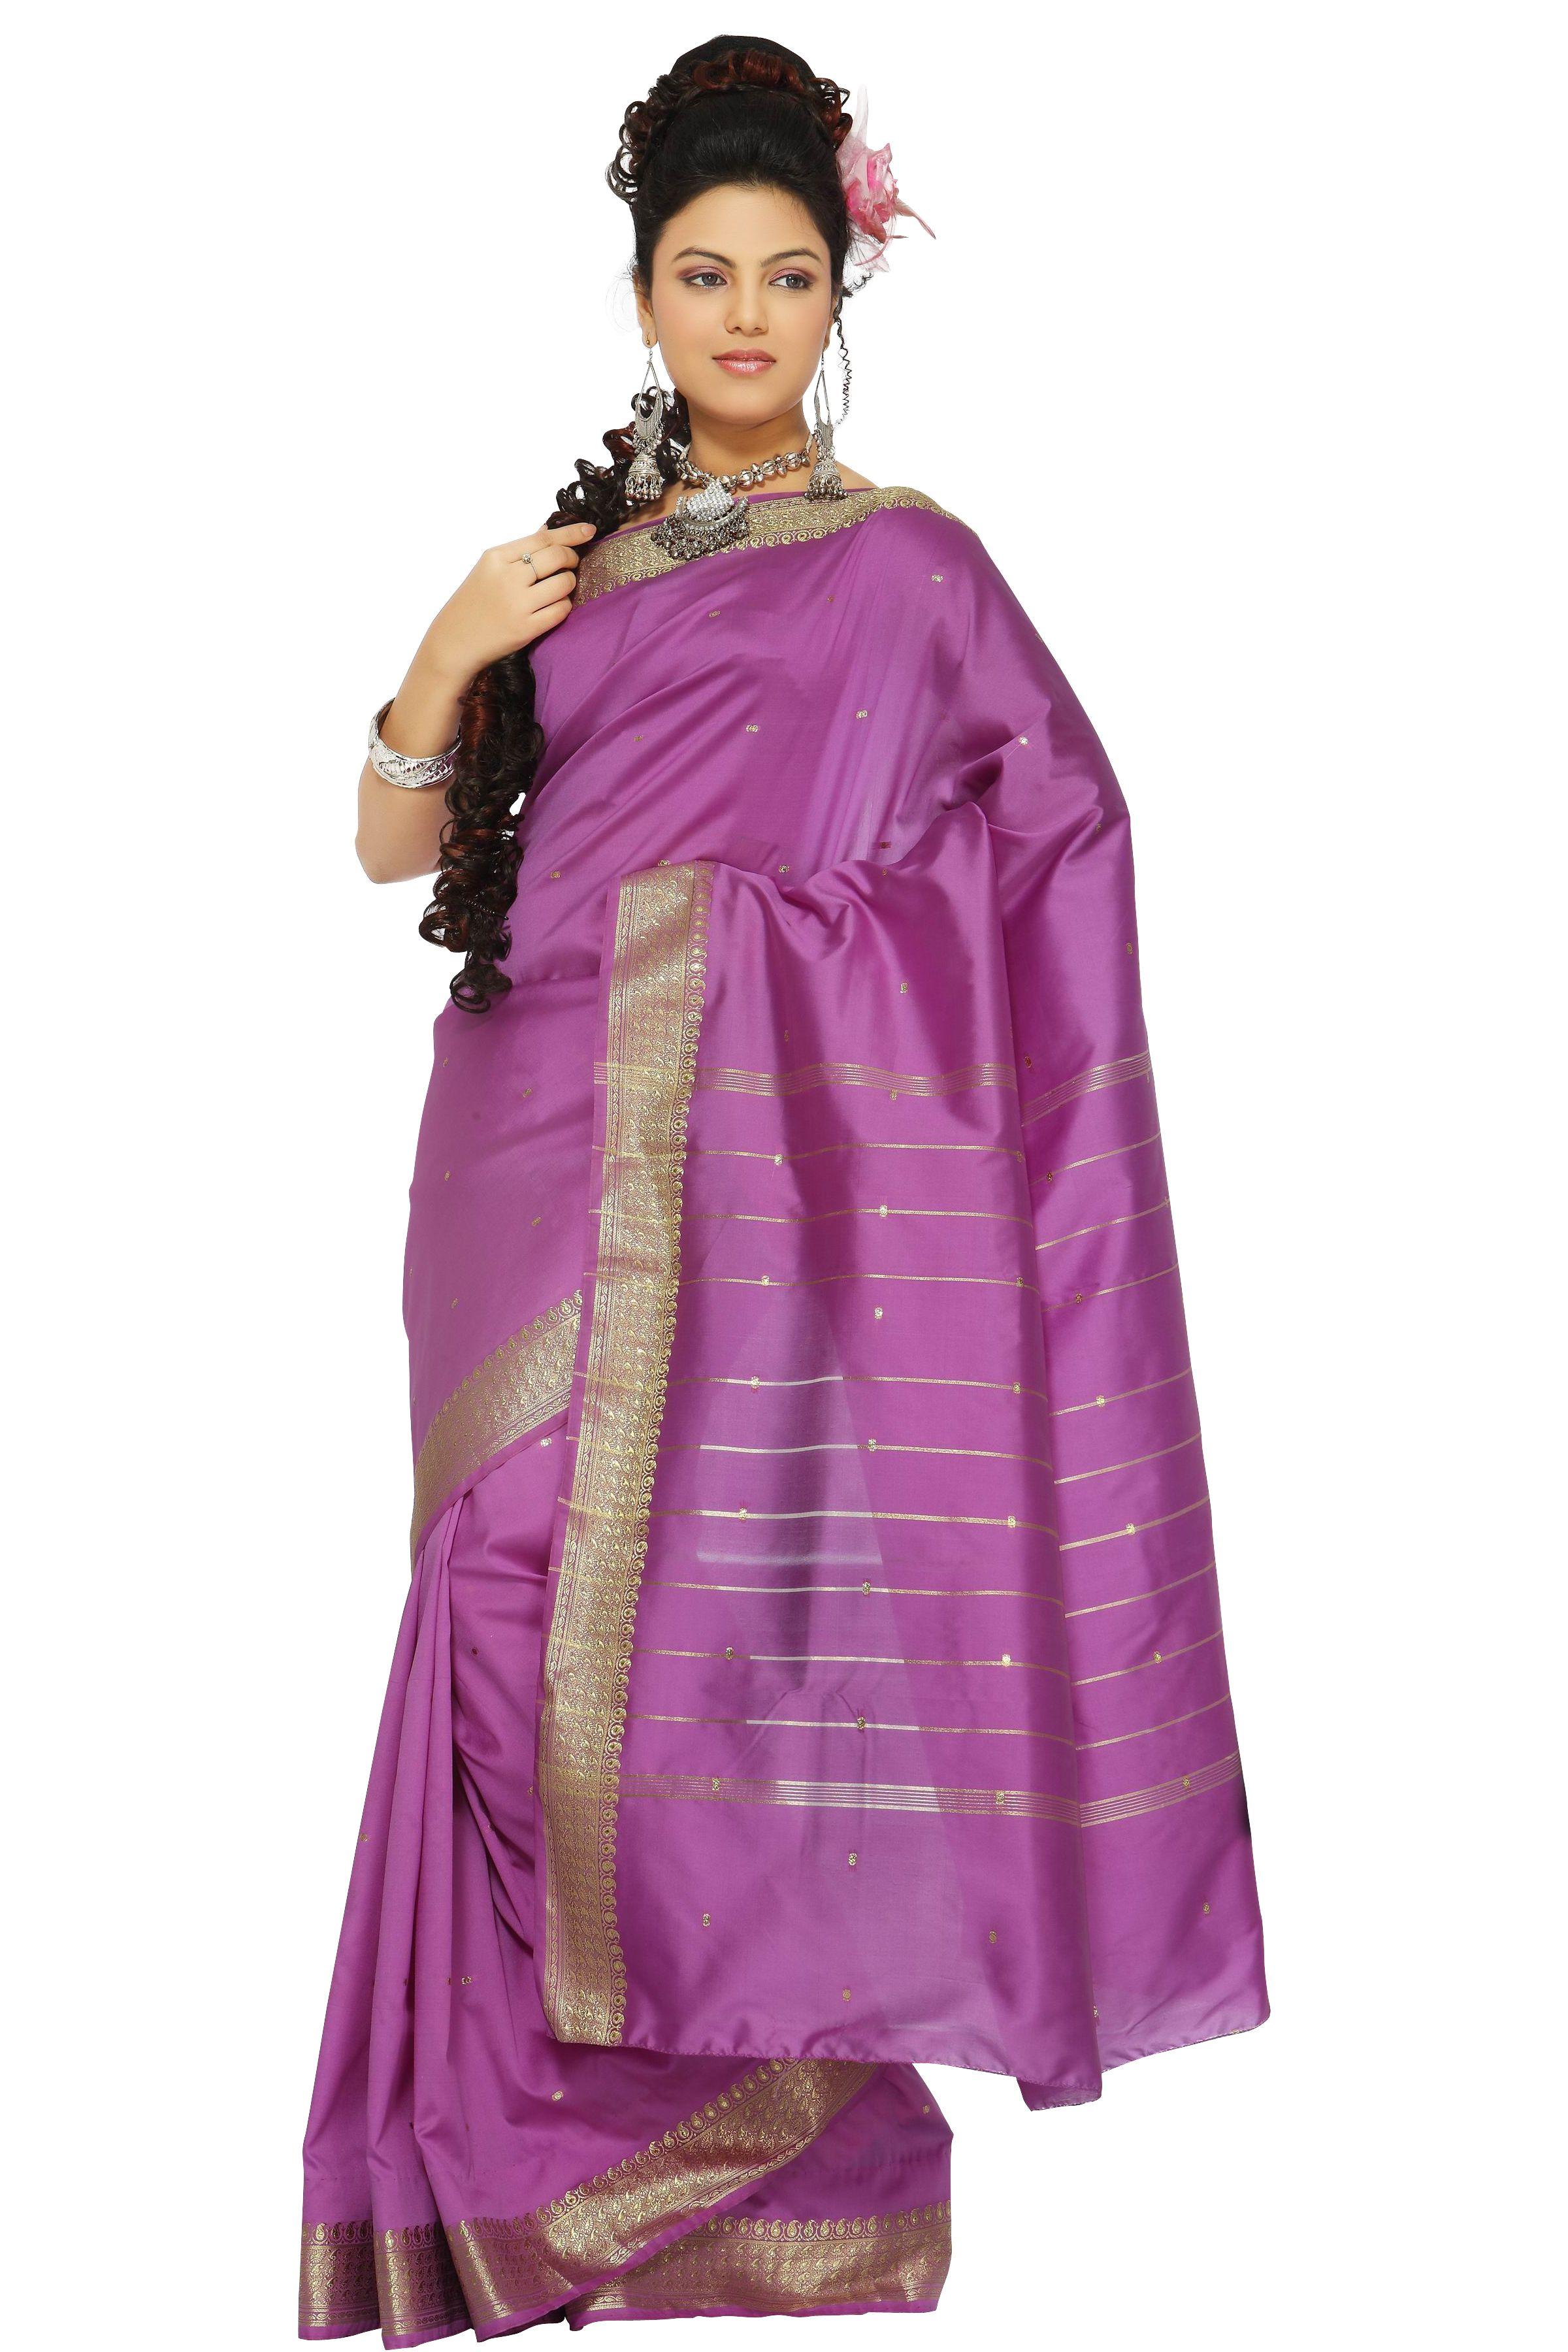 Indian Selections - Lavender Art Silk Saree Sari Fabric India Golden Border